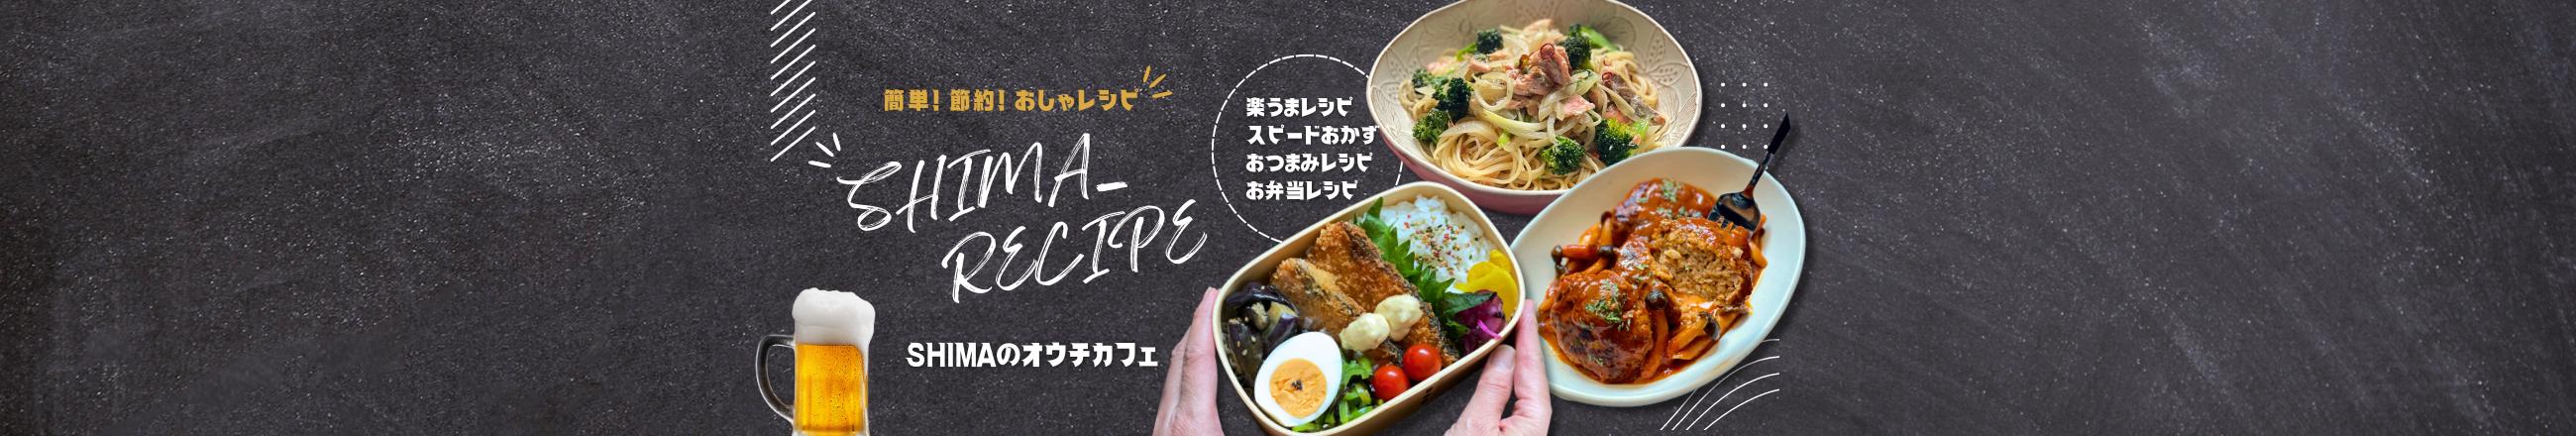 簡単!節約!おしゃレシピ 〜SHIMAのオウチカフェ〜